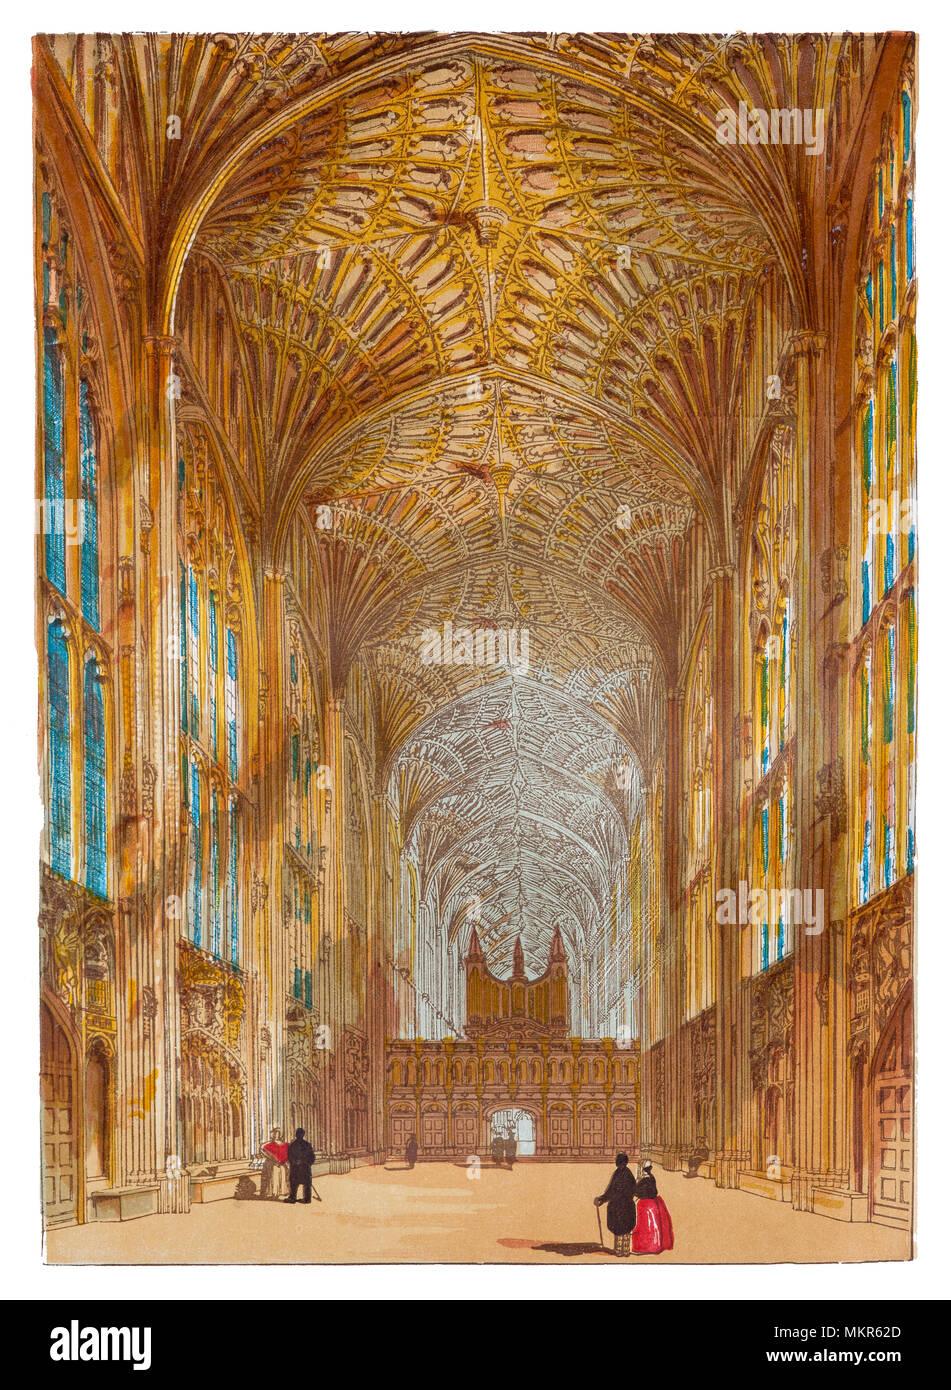 King's College Chapel è la Cappella del King s College dell Università di Cambridge. È considerato uno dei migliori esempi del tardo gotico perpendicolare architettura inglese. La cappella fu costruito in più fasi da una successione di re d'Inghilterra dal 1446 al 1515, un periodo che attraversava le guerre del Rose. La cappella di grandi vetrate colorate non sono stati completati fino al 1531, e il suo primo Rinascimento rood dello schermo è stata eretta nel 1532-36. La cappella è attiva una casa di culto e la casa del re College coro. Immagini Stock